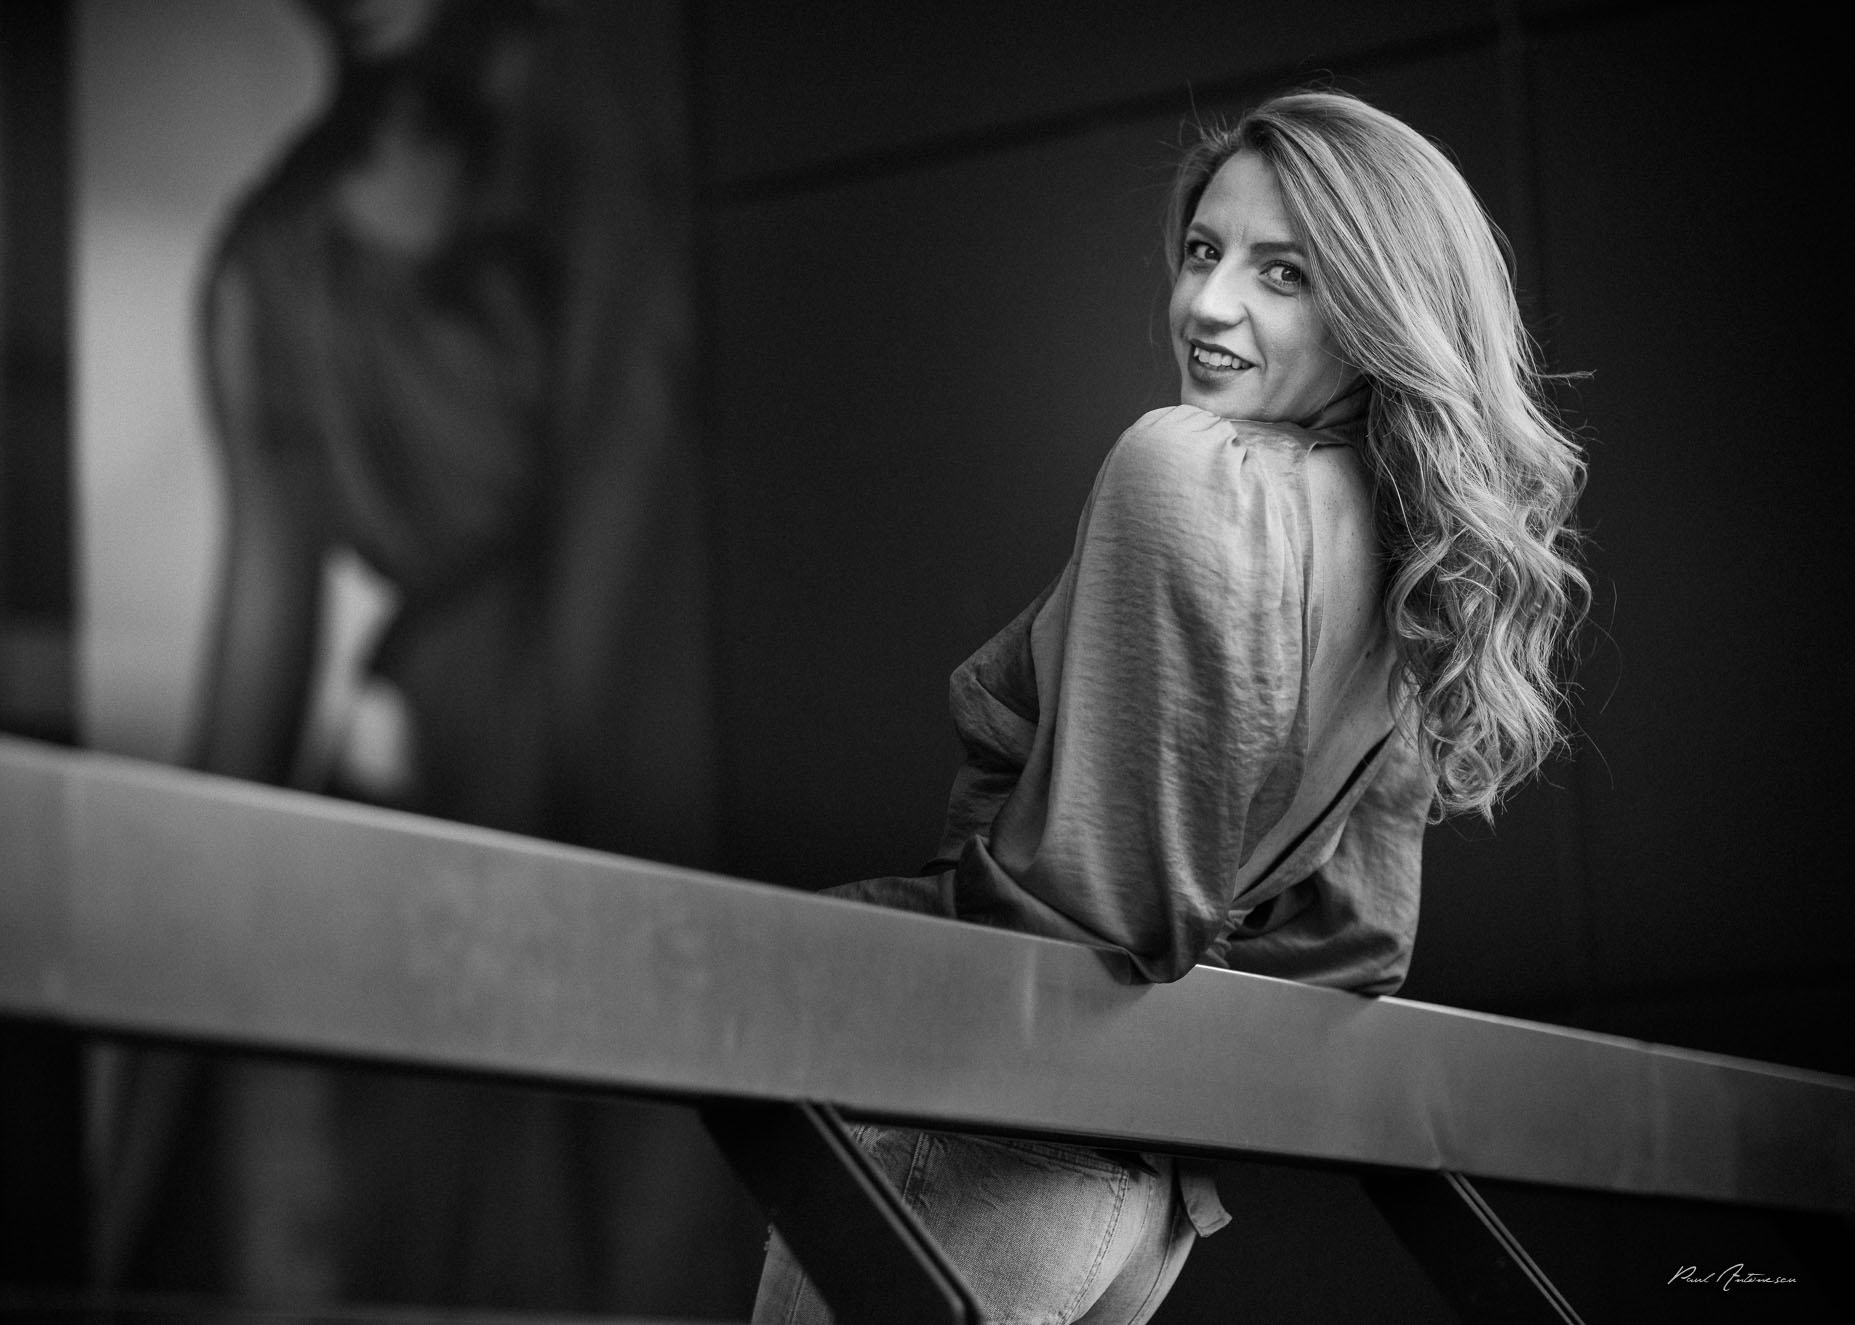 Fotografie alb negru cu o fata cu par lung